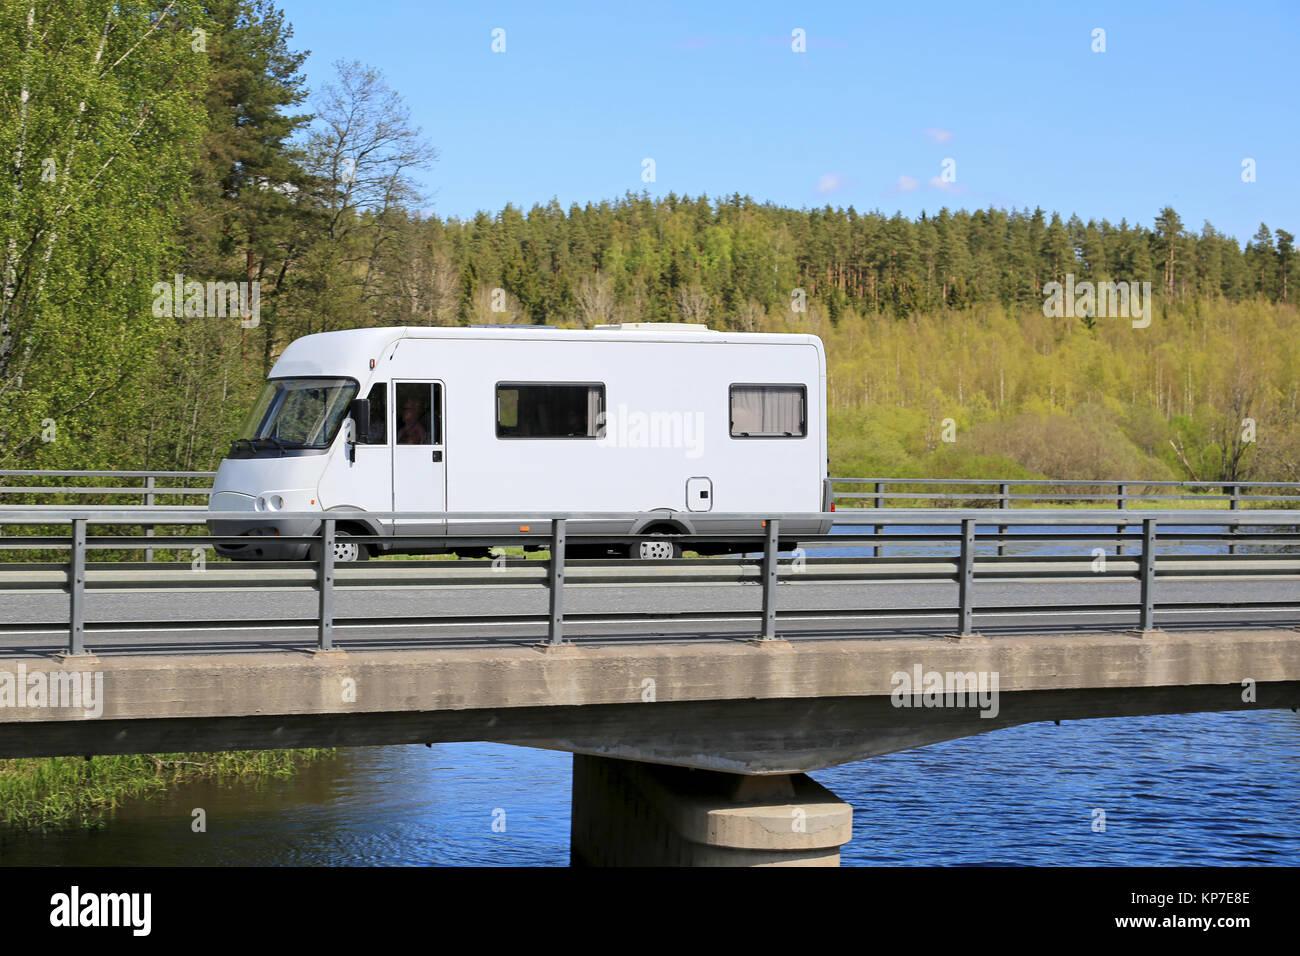 White motorhome che viaggiano lungo la strada panoramica su di un ponte su acqua in estate. Foto Stock